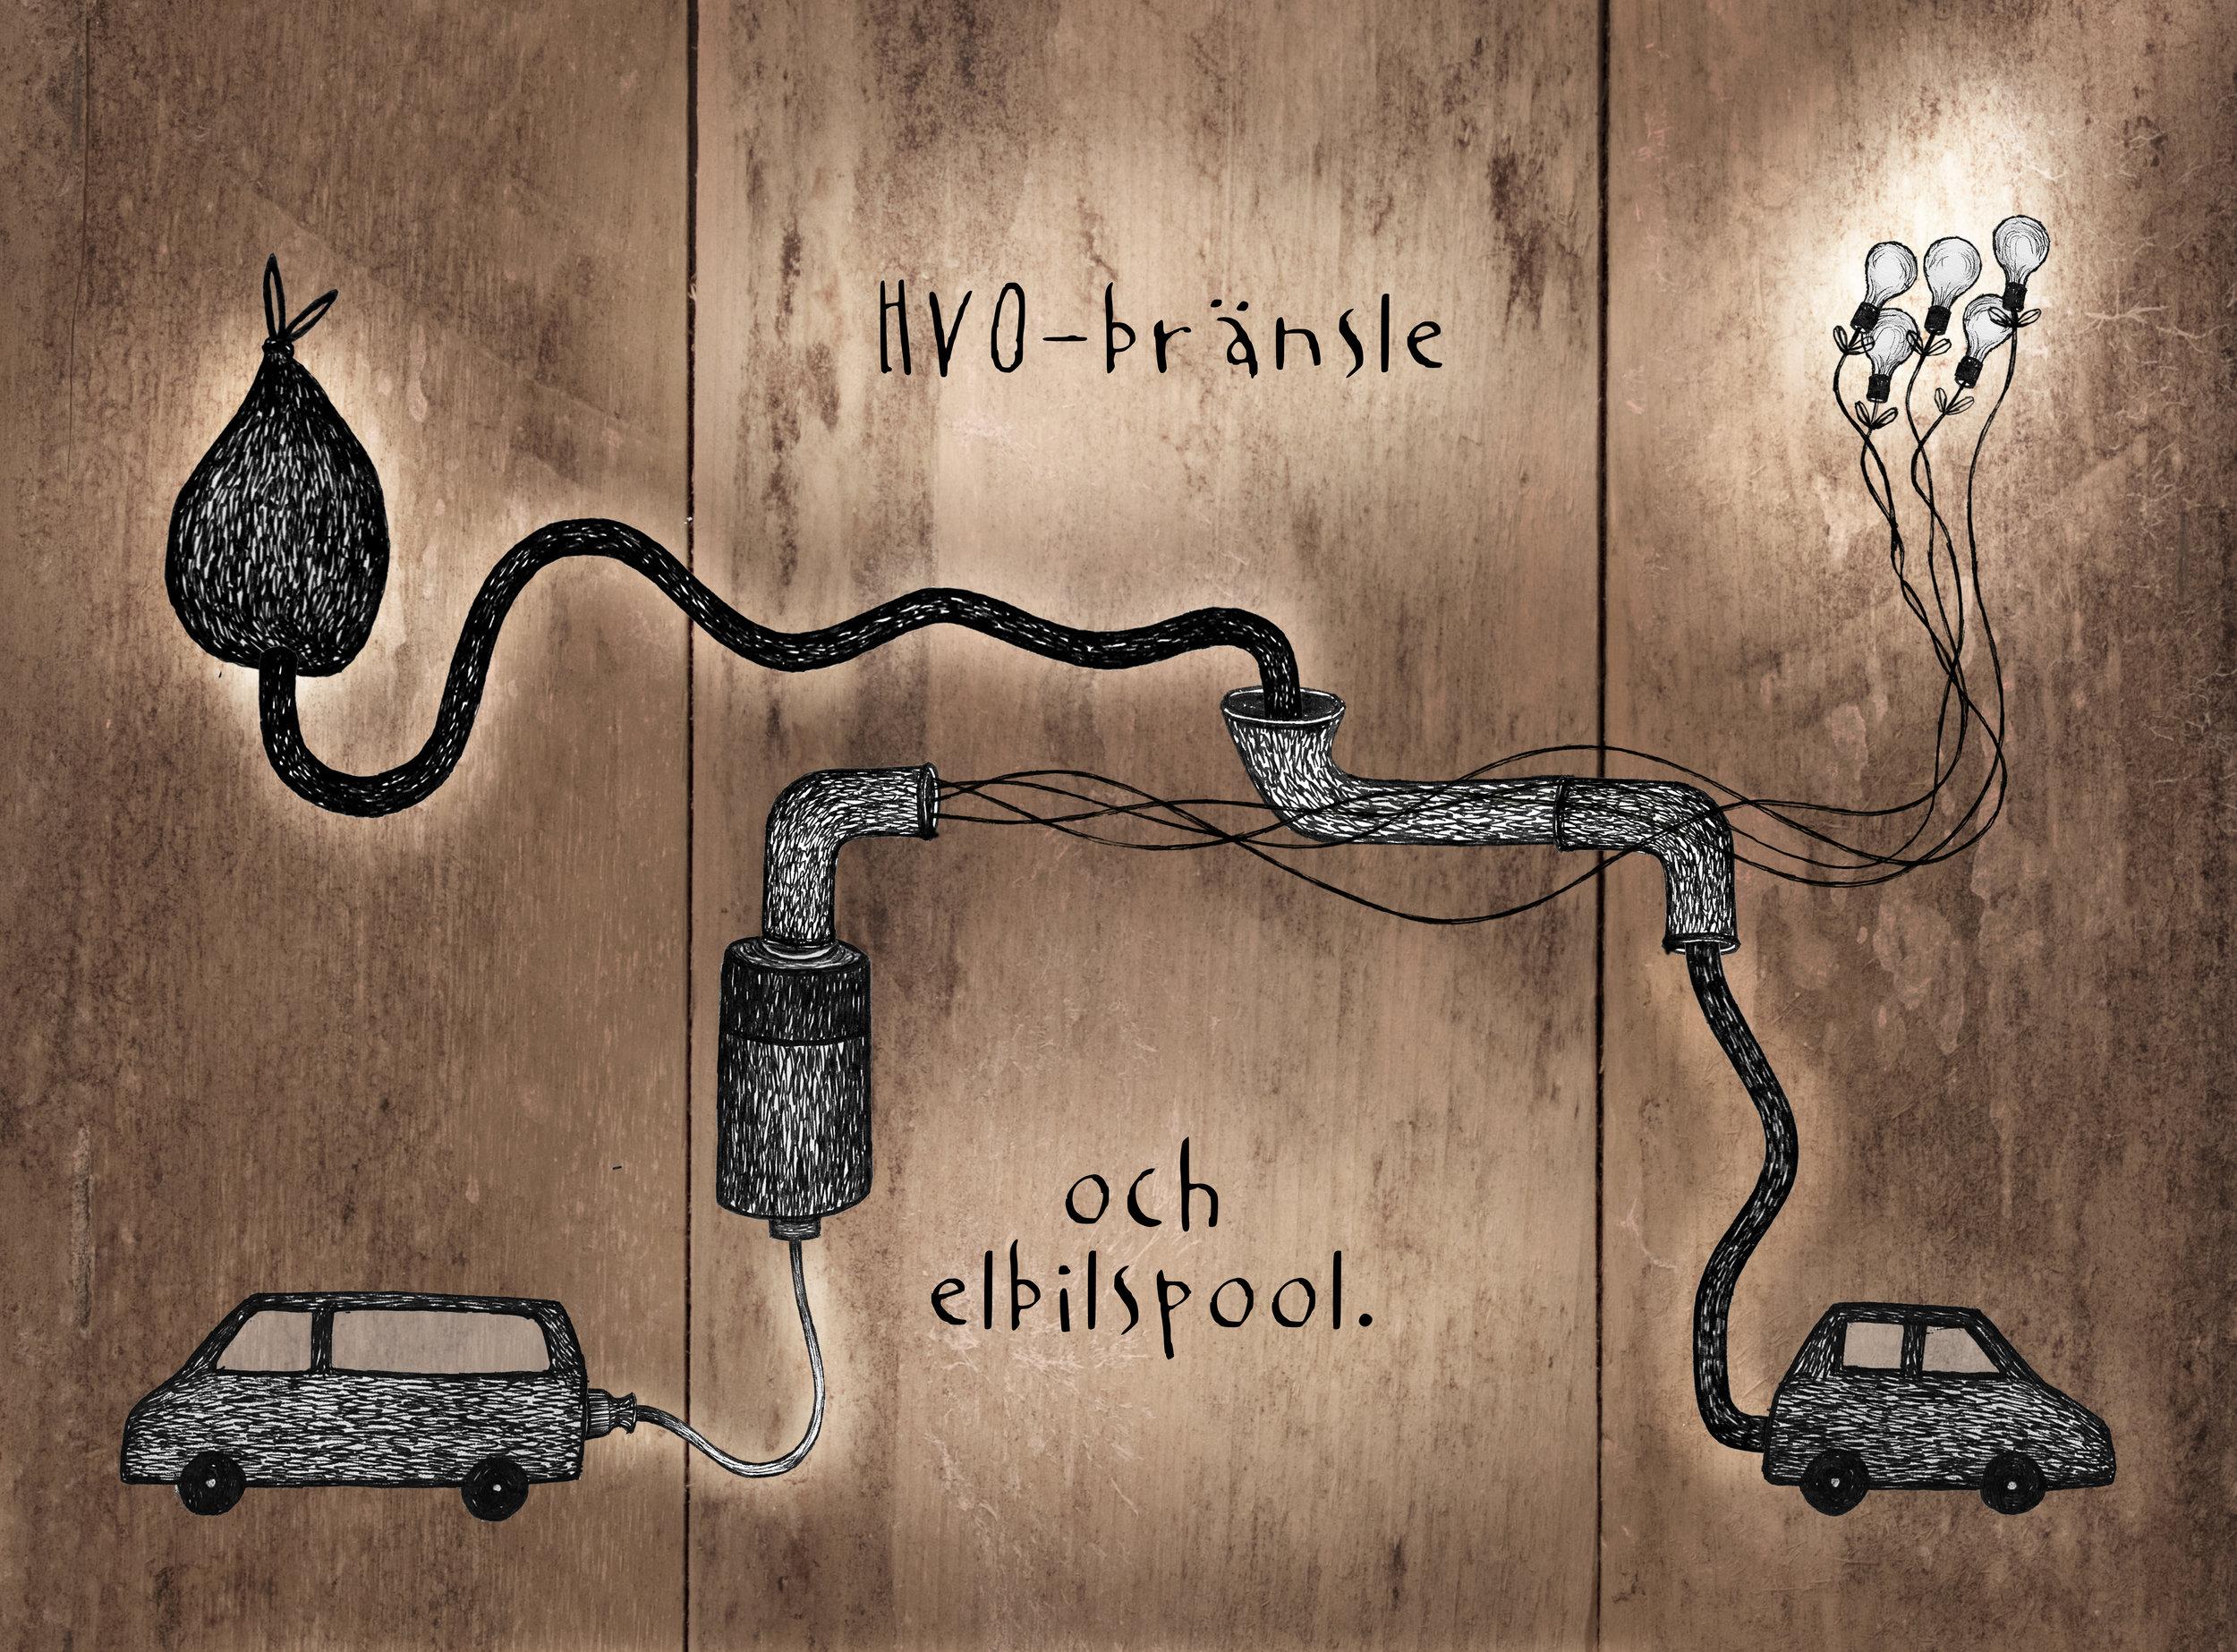 Elbilspool och HVO-bränsle.jpg